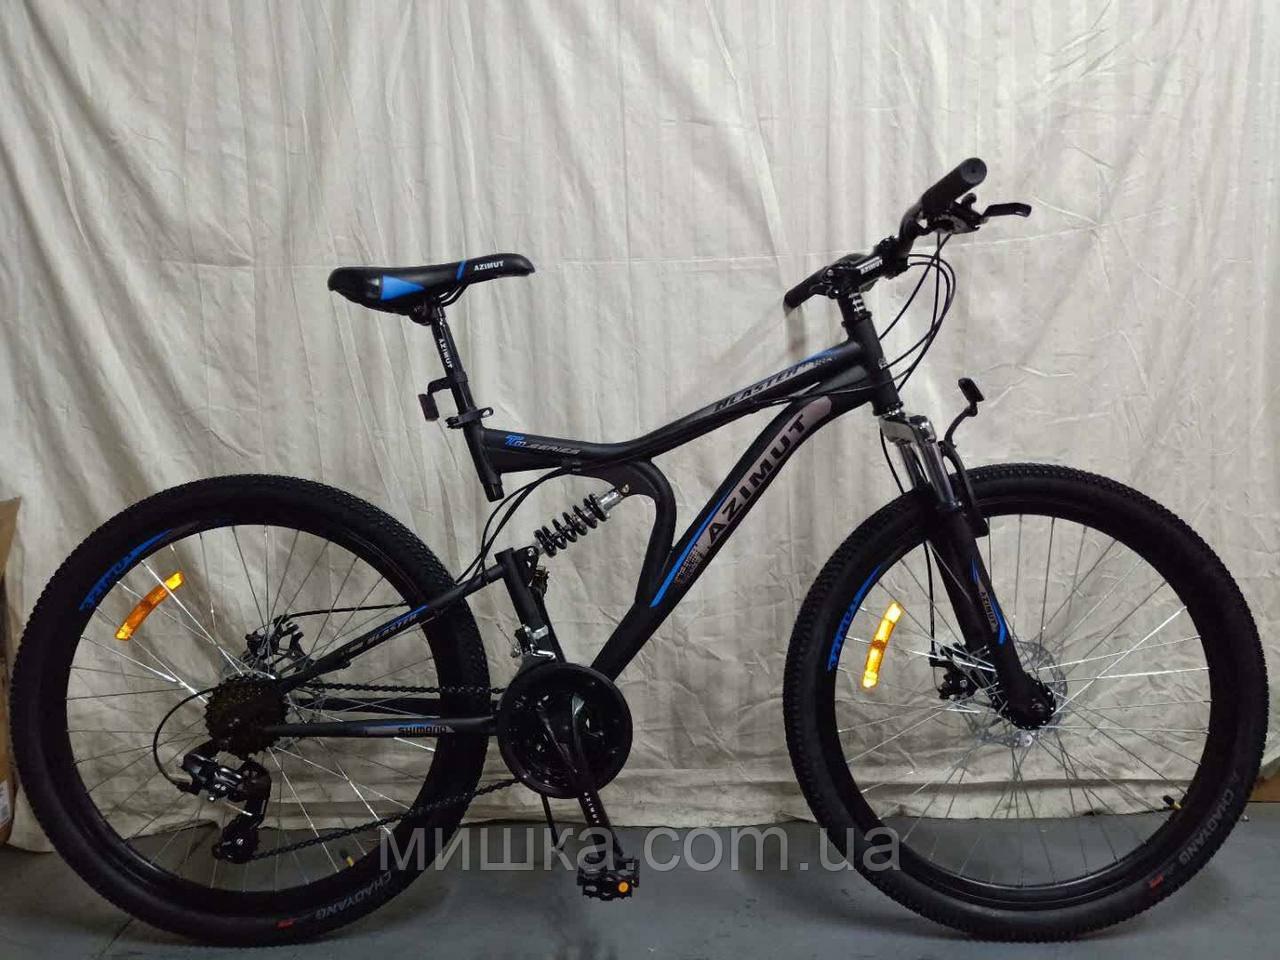 """Велосипед горный двухподвесной  Blaster 26"""" черно-синий"""